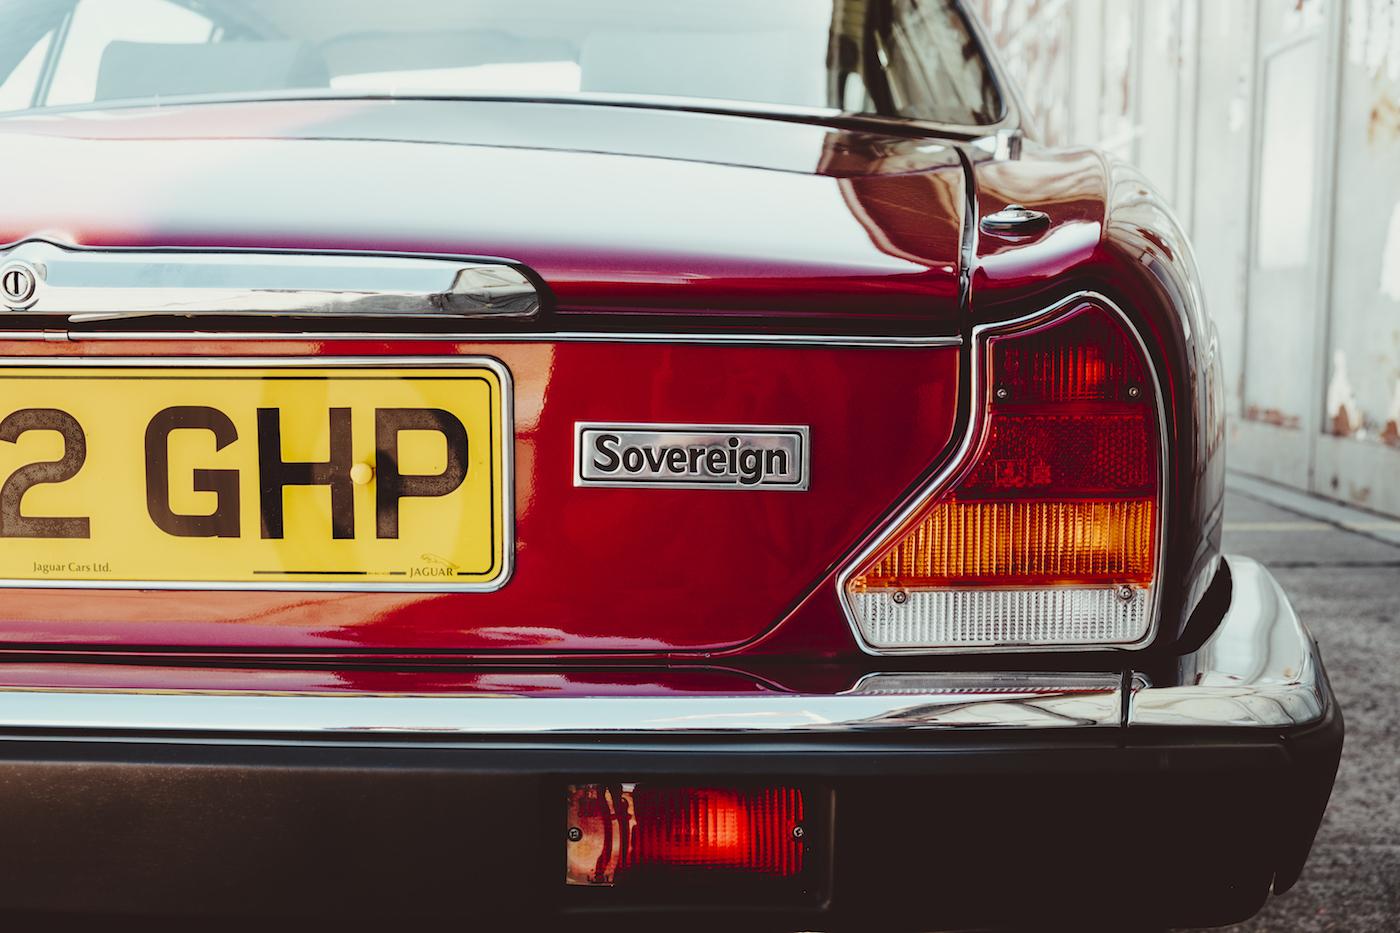 Königlich ausgestattet: 50 Jahre Jaguar XJ 10